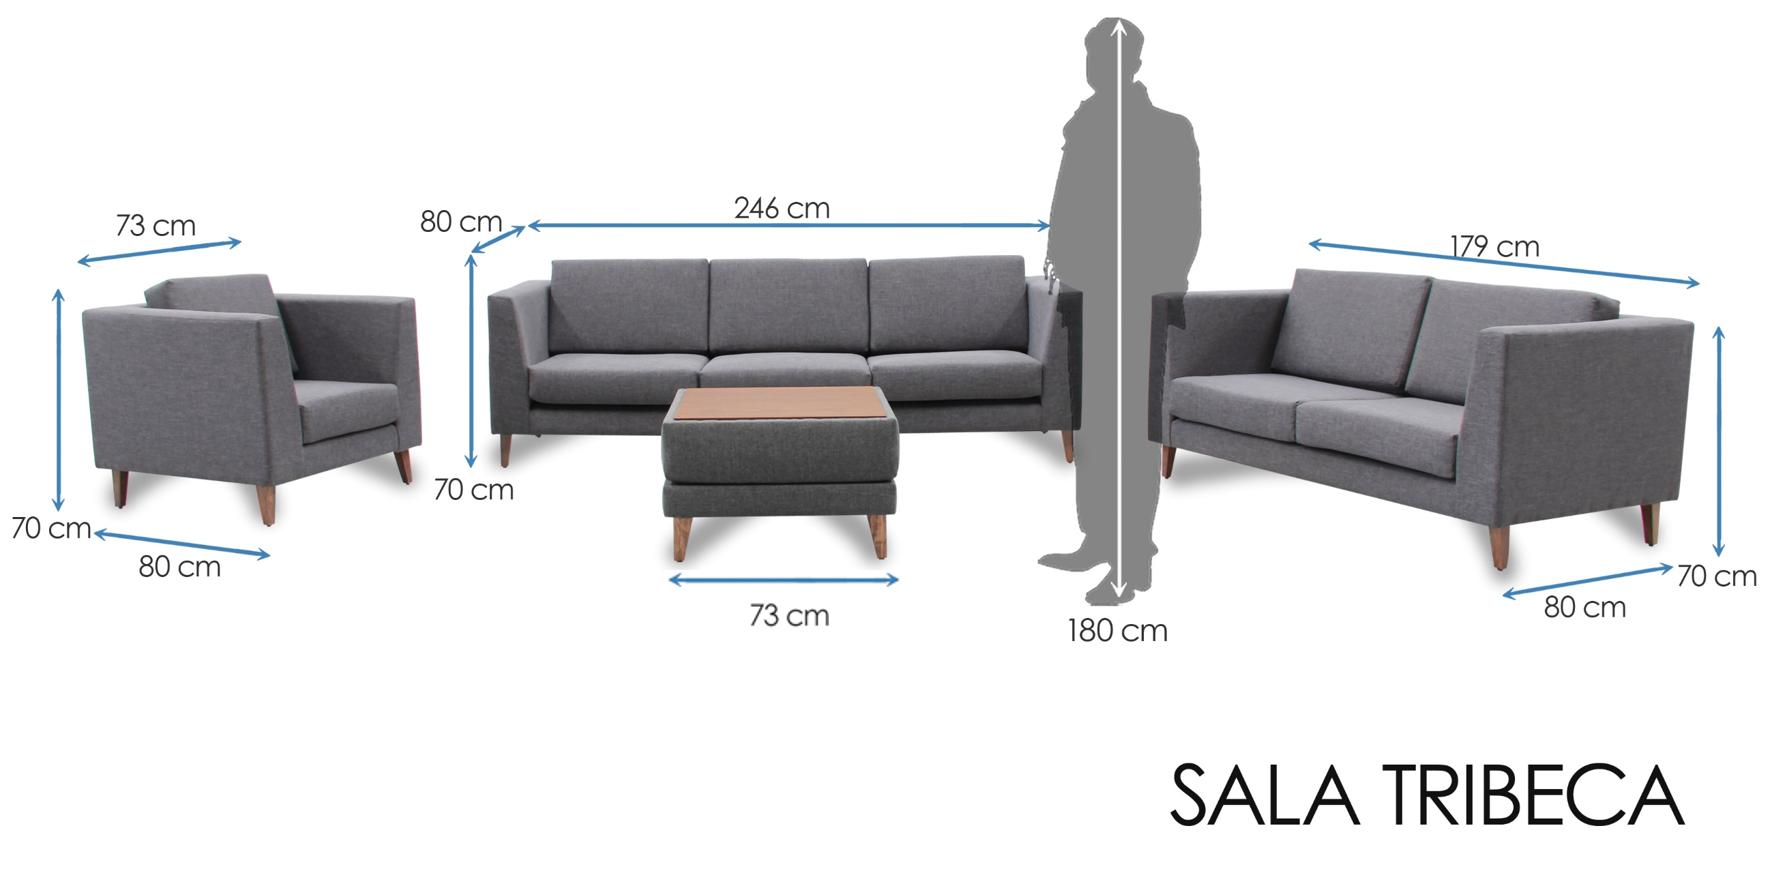 Medidas de sillones buscar con google ergonomia for Muebles de oficina y sus medidas